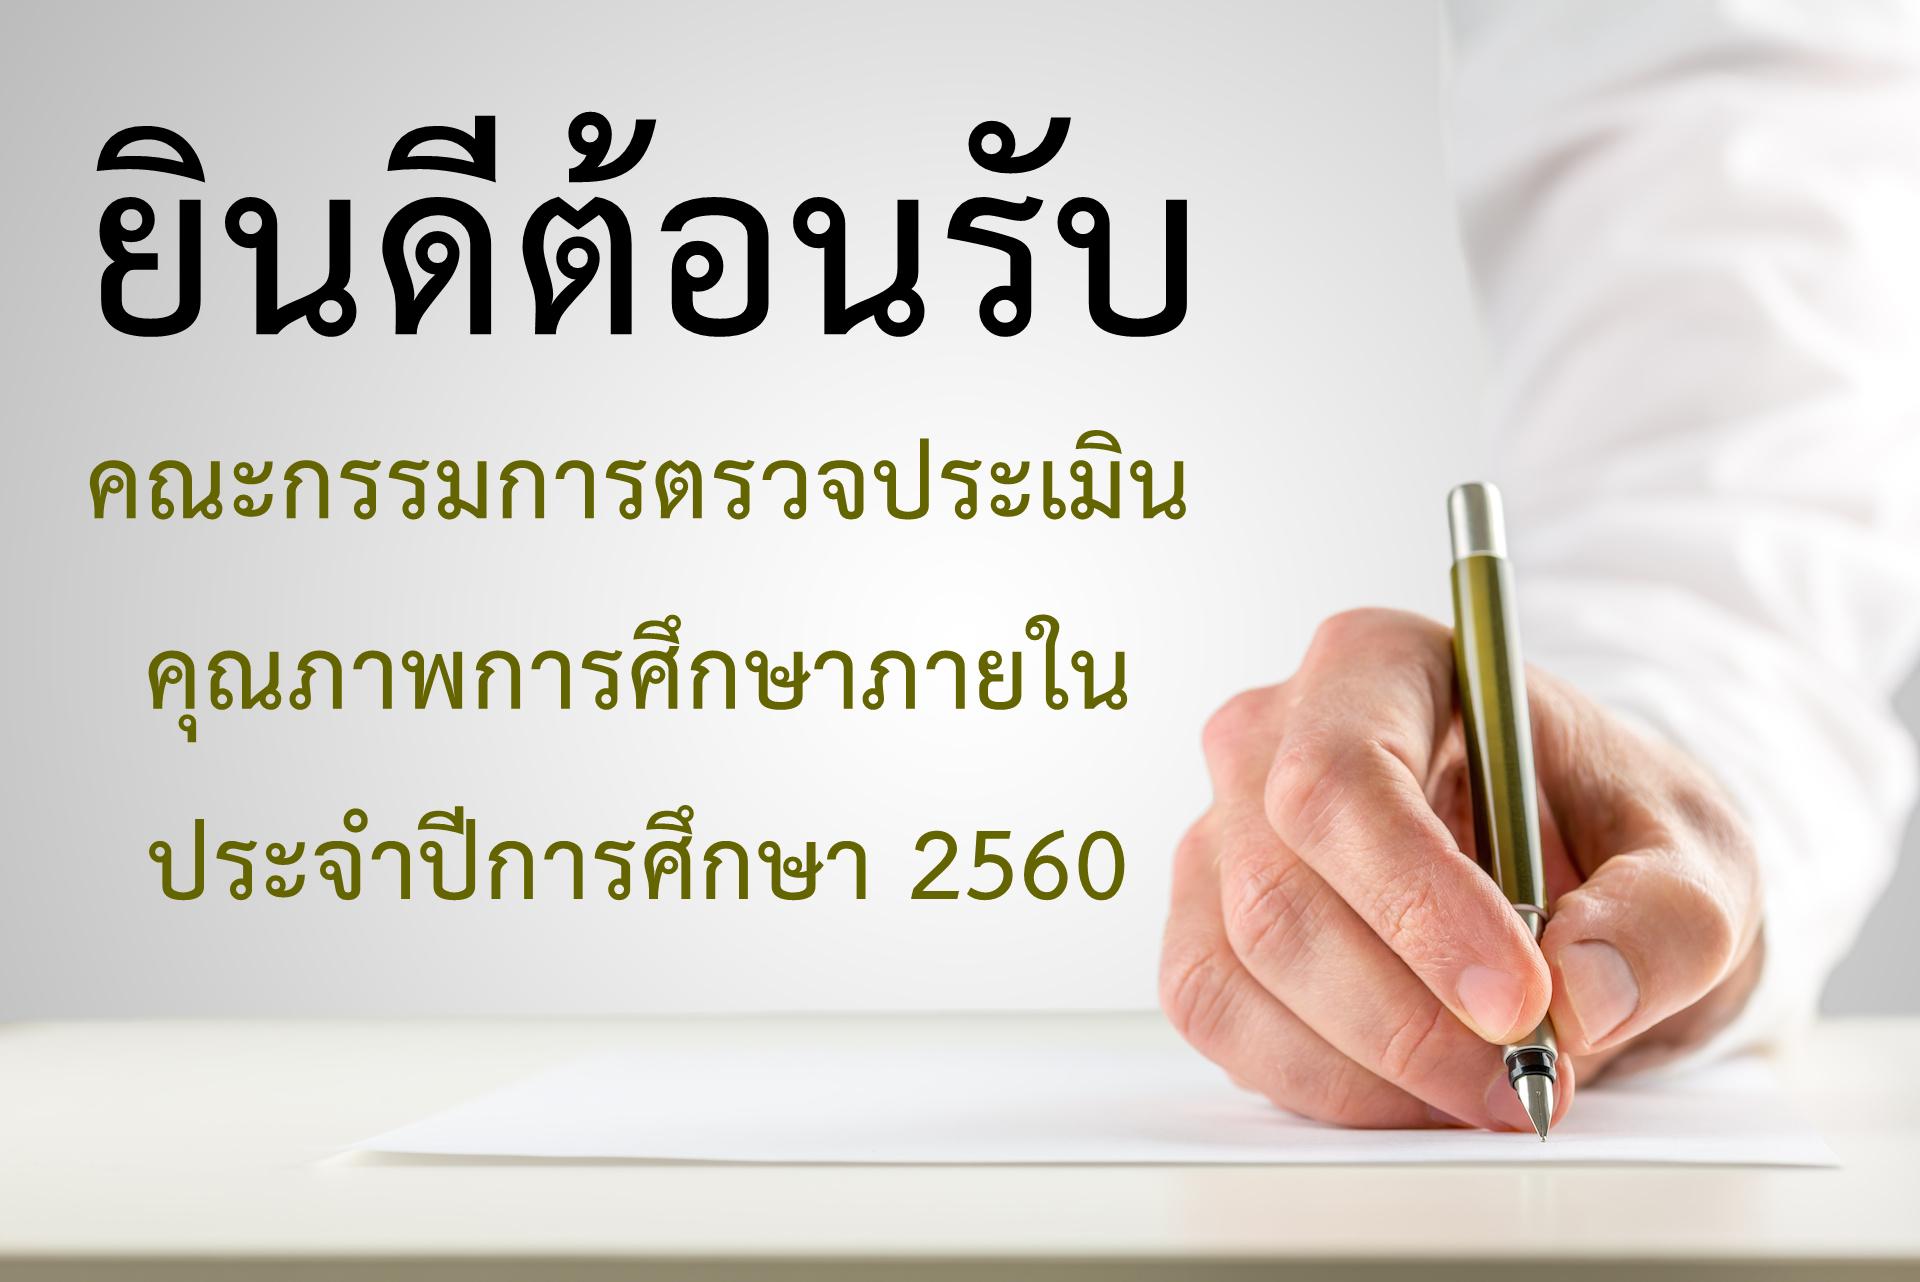 ยินดีต้อนรับ คณะกรรมการตรวจประเมินคุณภาพการศึกษาภายใน ประจำปีการศึกษา 2560